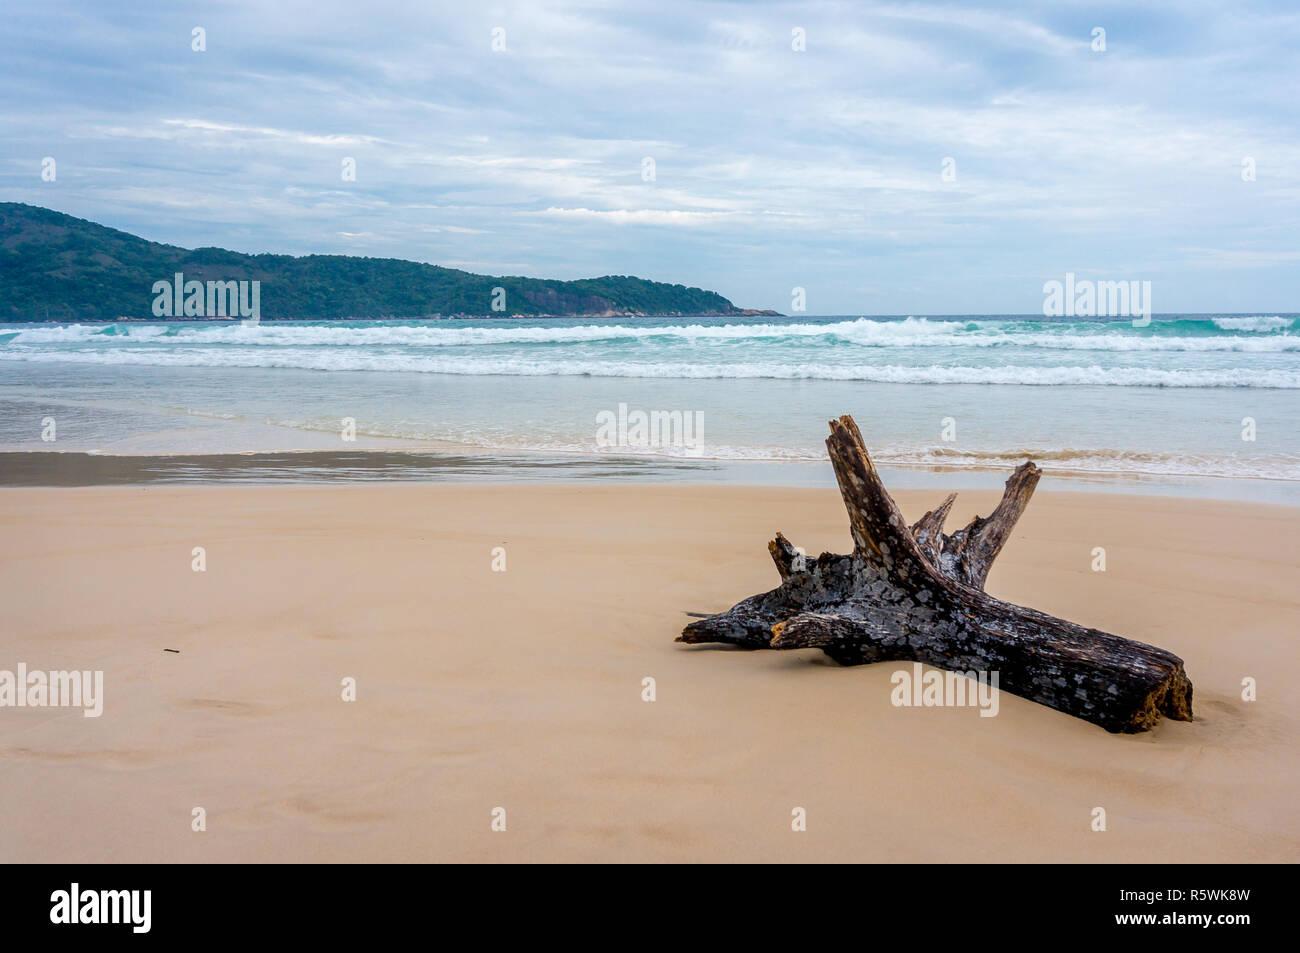 Rotture di tronco di albero sul deserto Lopes Mendes beach, Ilha Grande, Brasile Immagini Stock